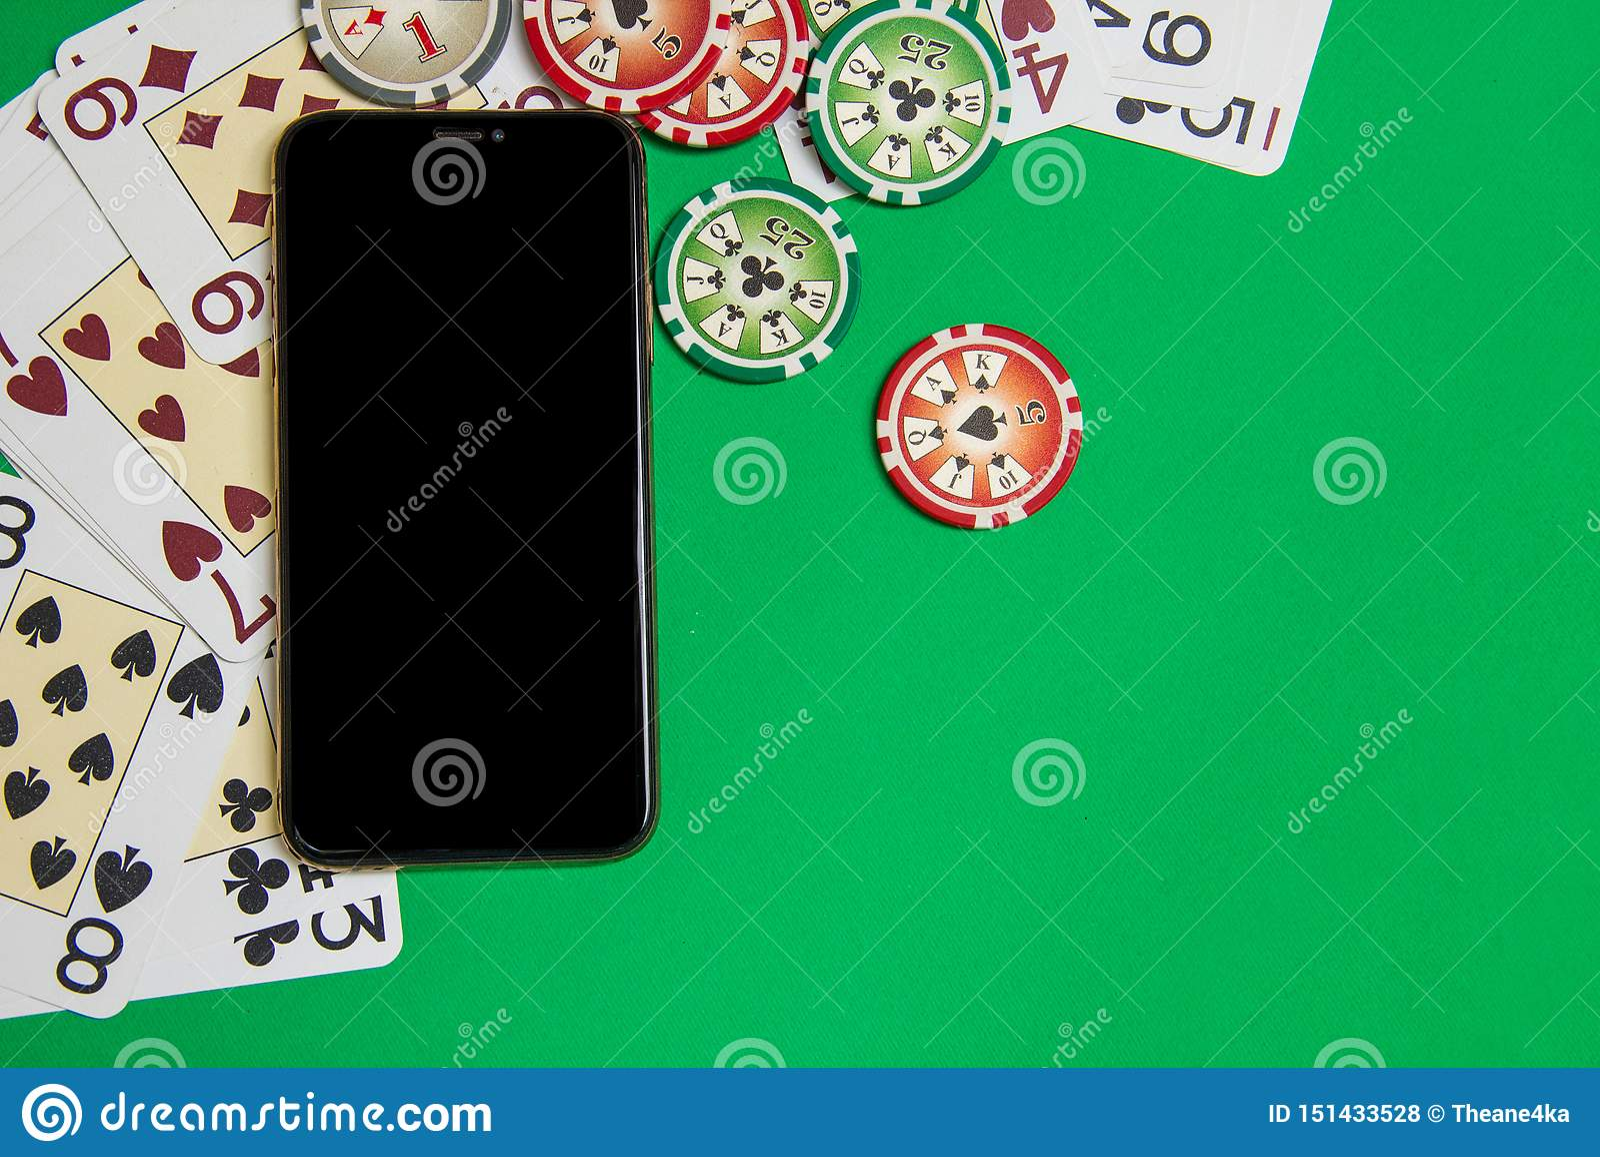 Скачать покер для мобильного телефона онлайн казино он нет 888